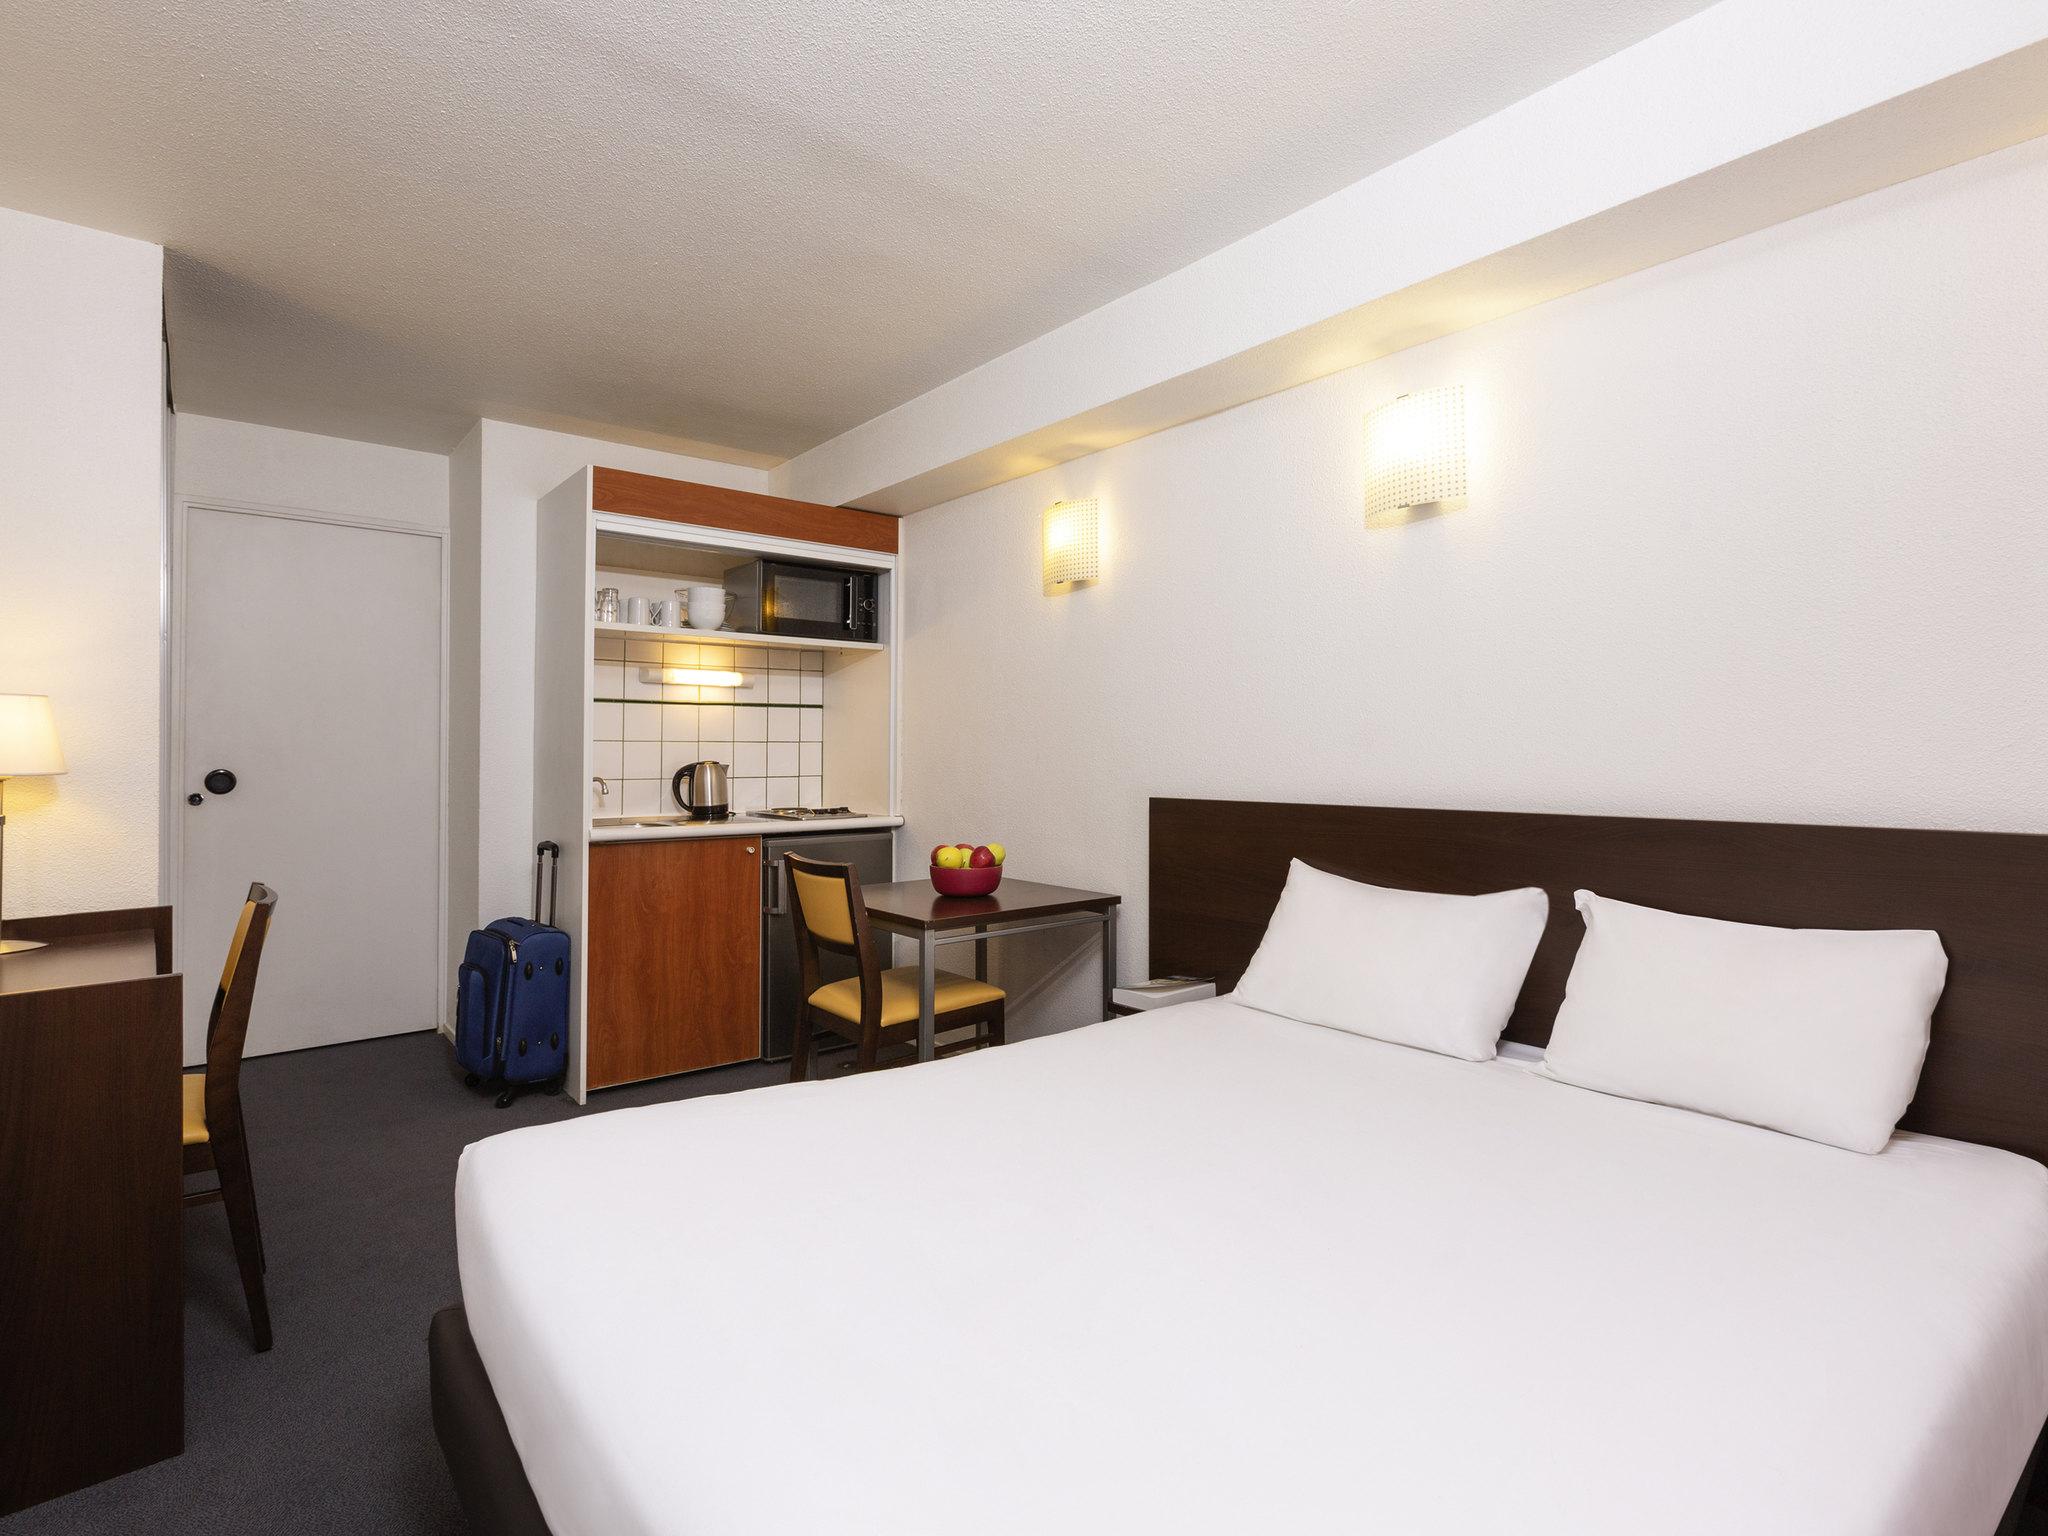 H tel courbevoie aparthotel adagio access la d fense for Reservation hotel adagio